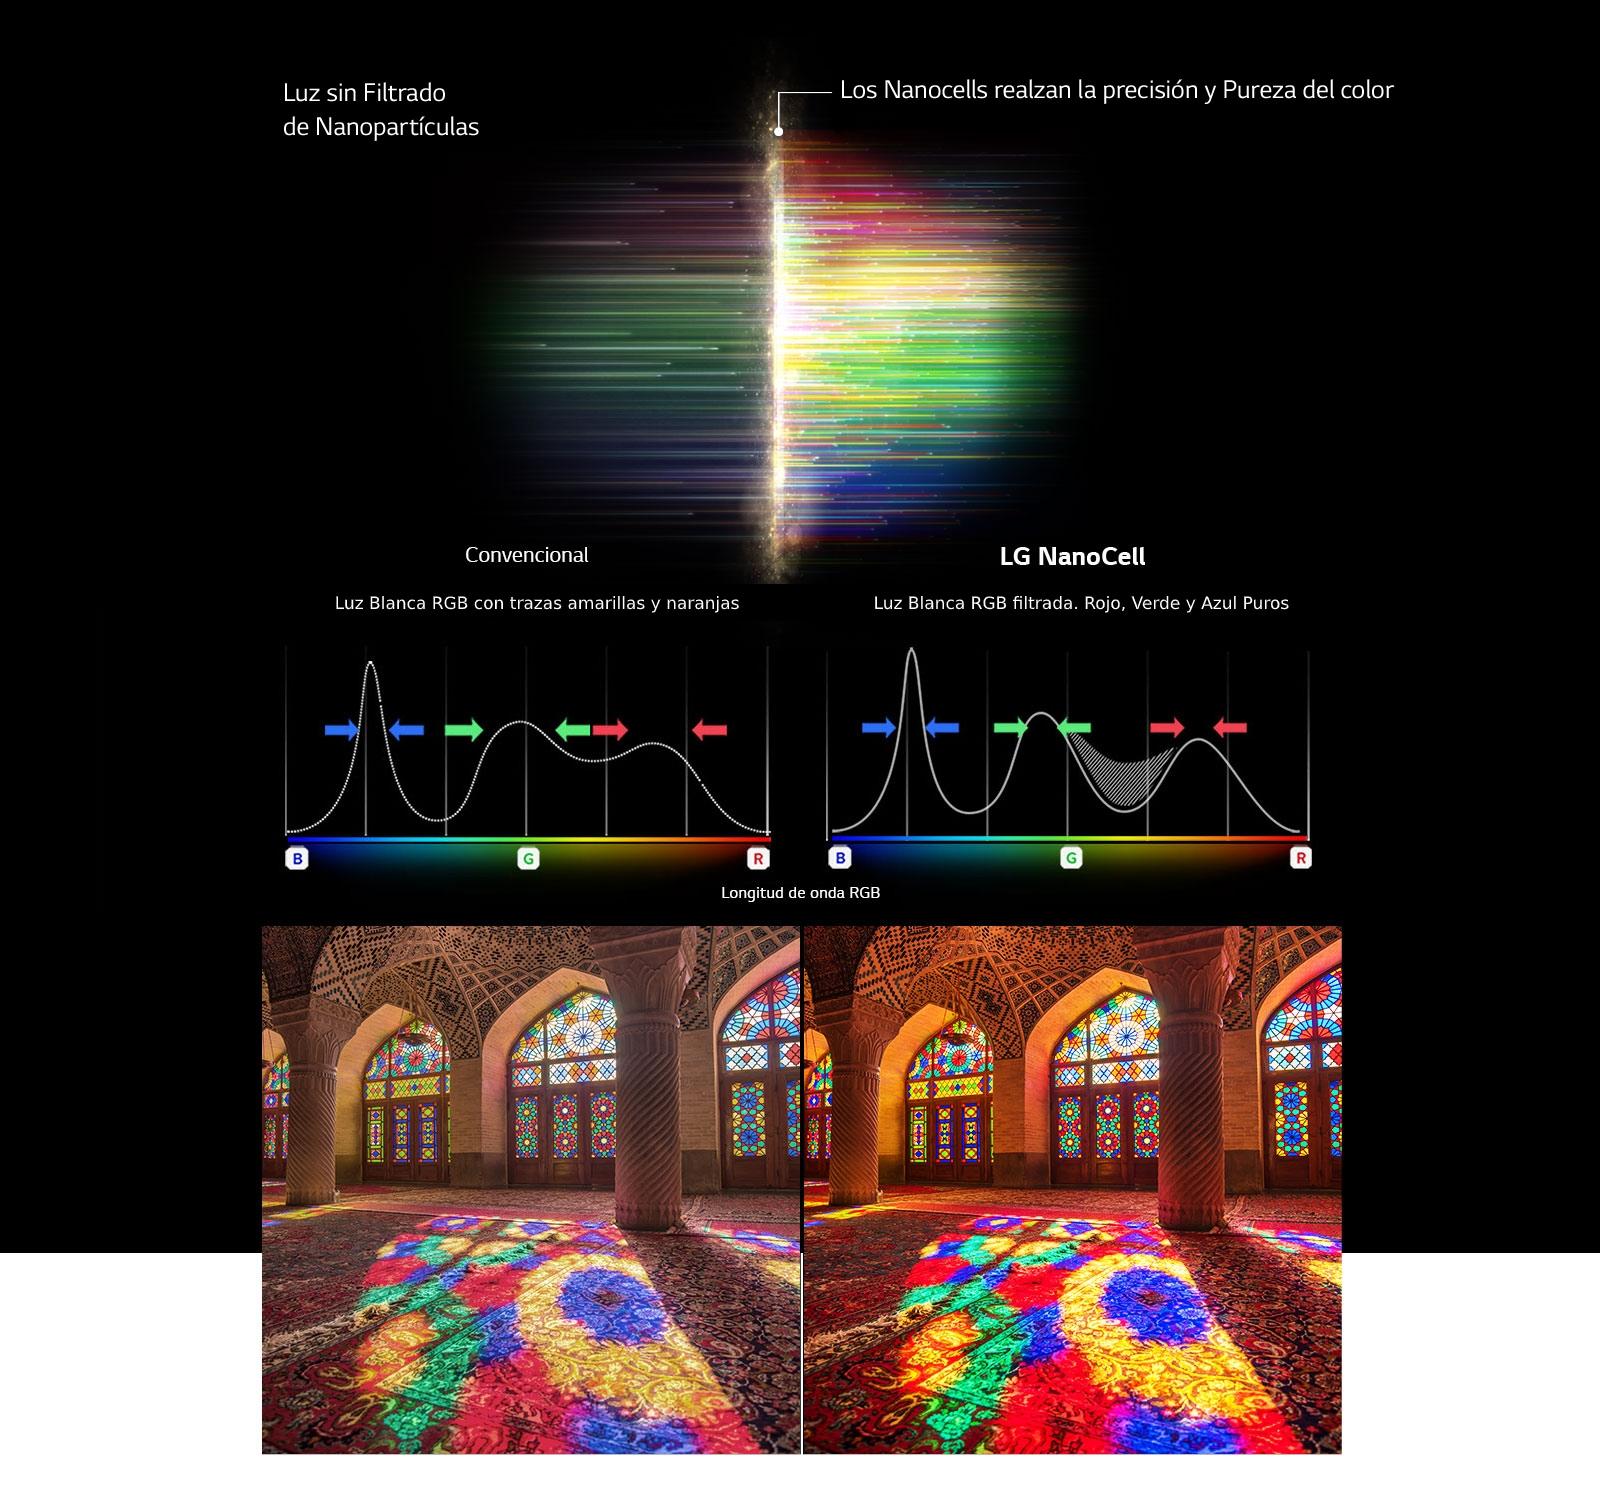 El gráfico de espectro RGB que muestra el filtrado de colores e imágenes apagados comparando la pureza del color entre la tecnología convencional y NanoCell